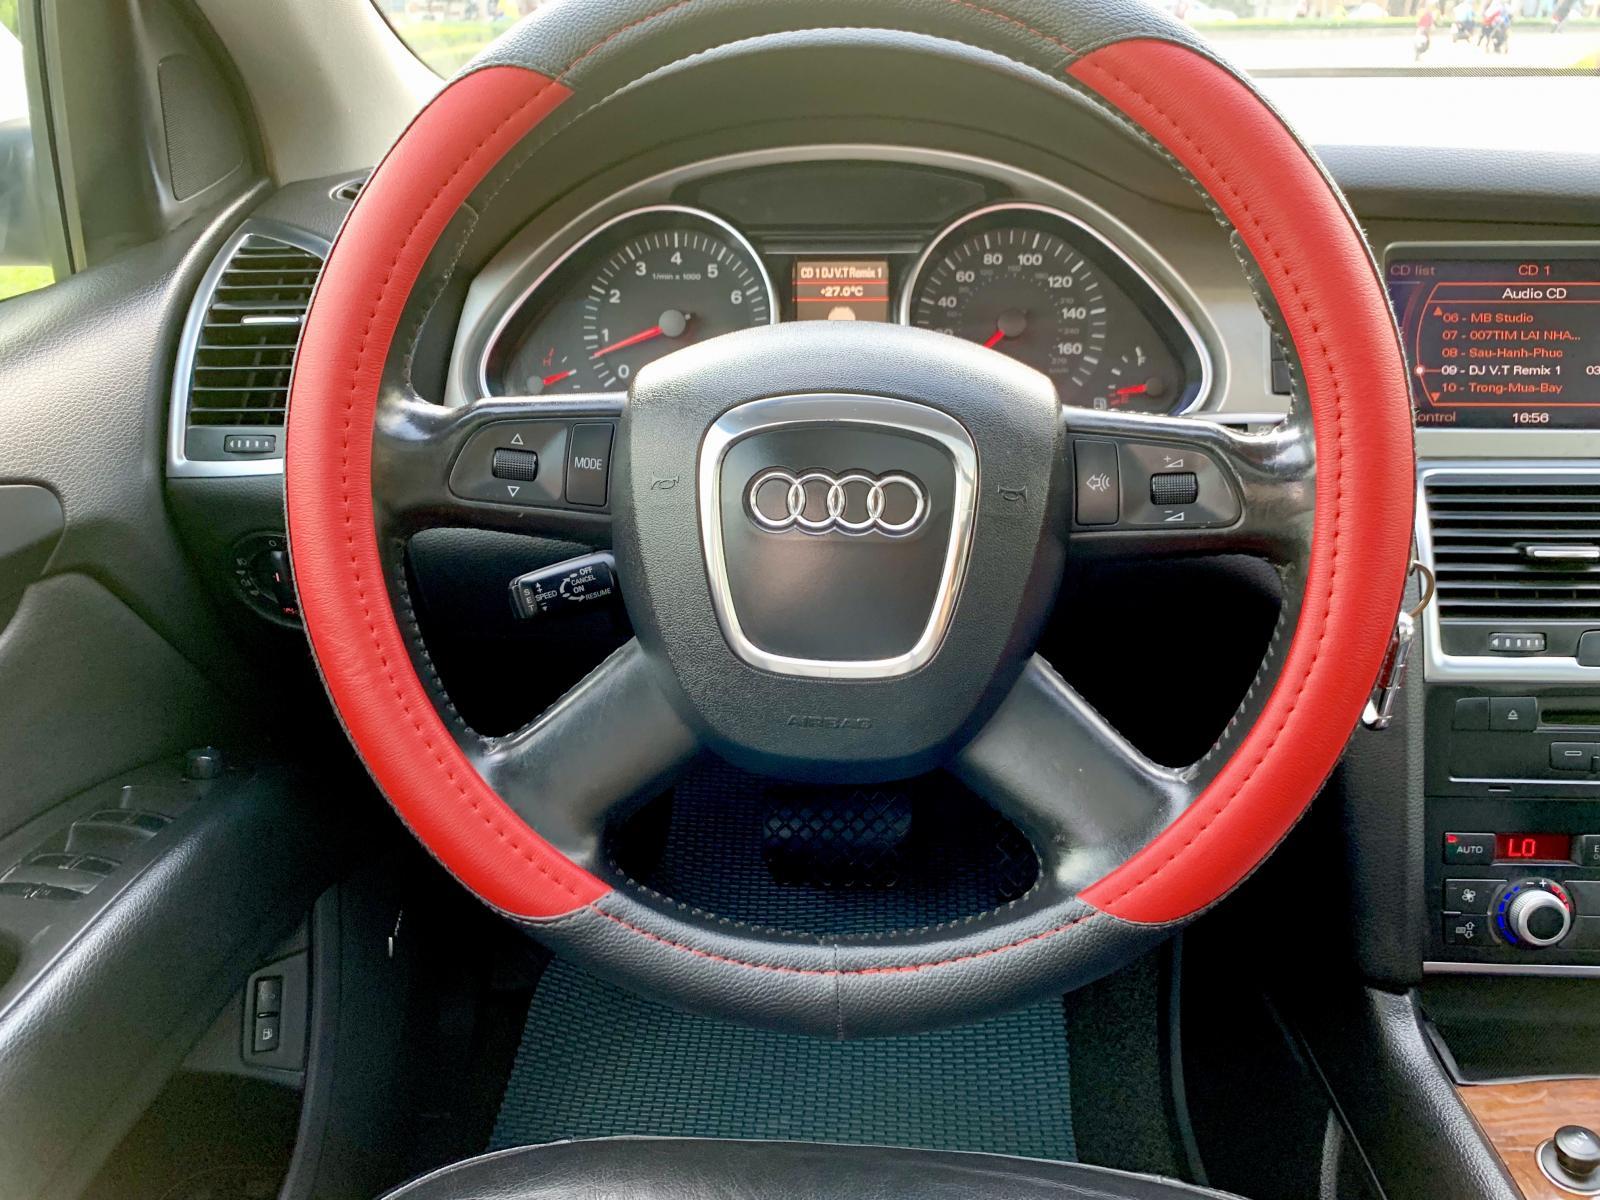 Audi Q7 nhập Đức model 2008, hàng full đủ đồ chơi, hai cầu, số tự động 8 cấp cao